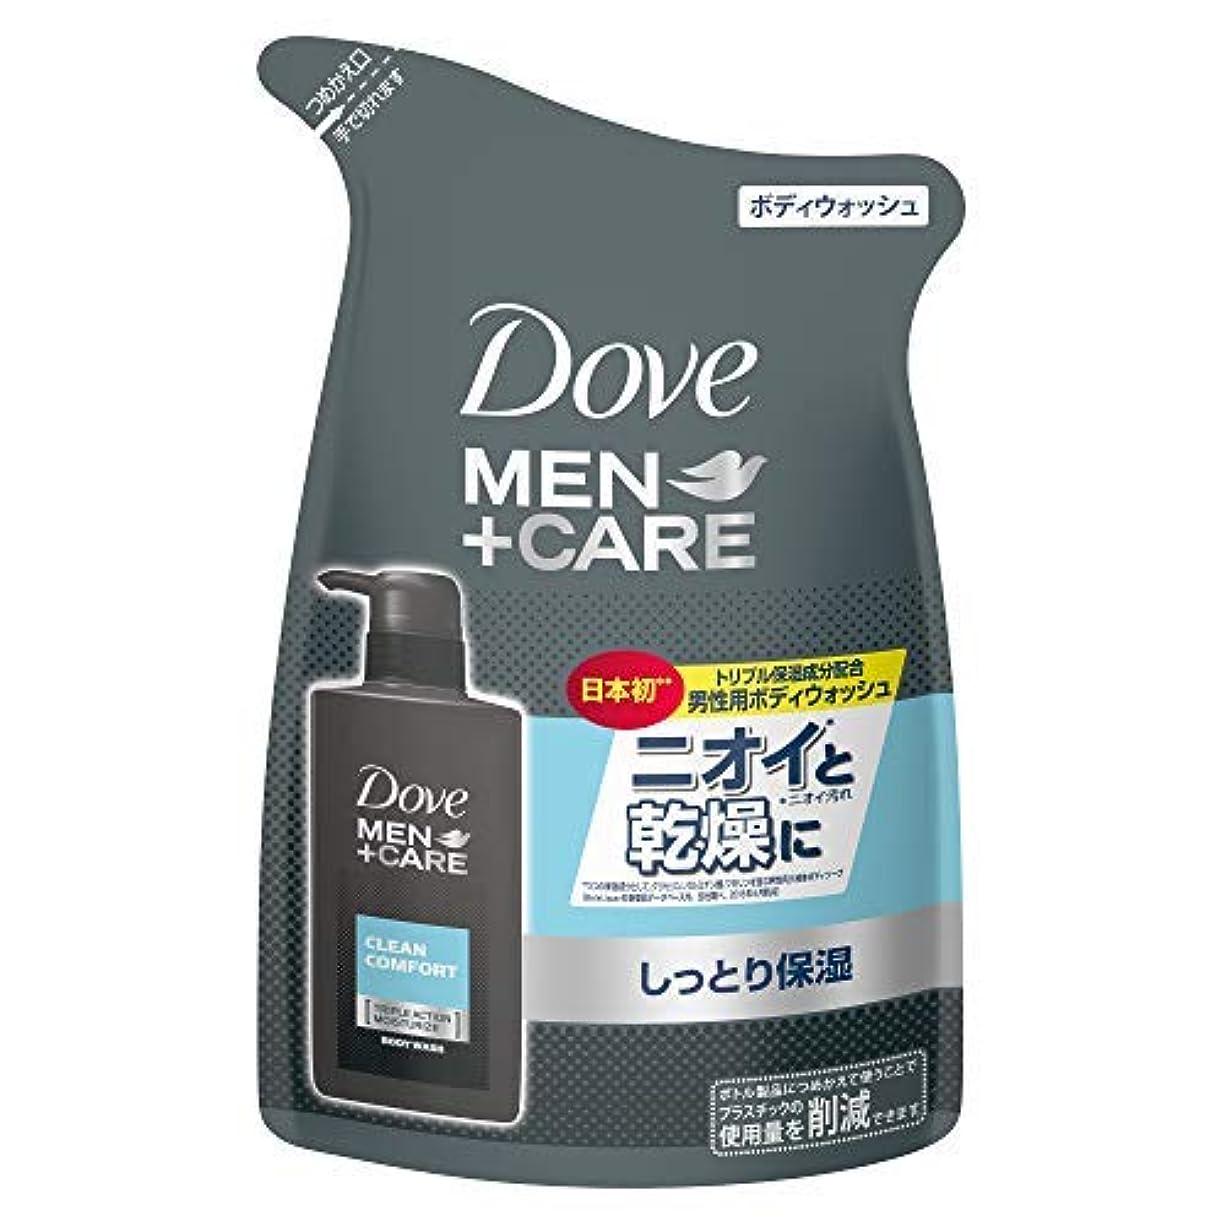 ダヴメン+ケア(ダヴメンプラスケア) ボディウォッシュ クリーンコンフォート つめかえ用 × 8個セット